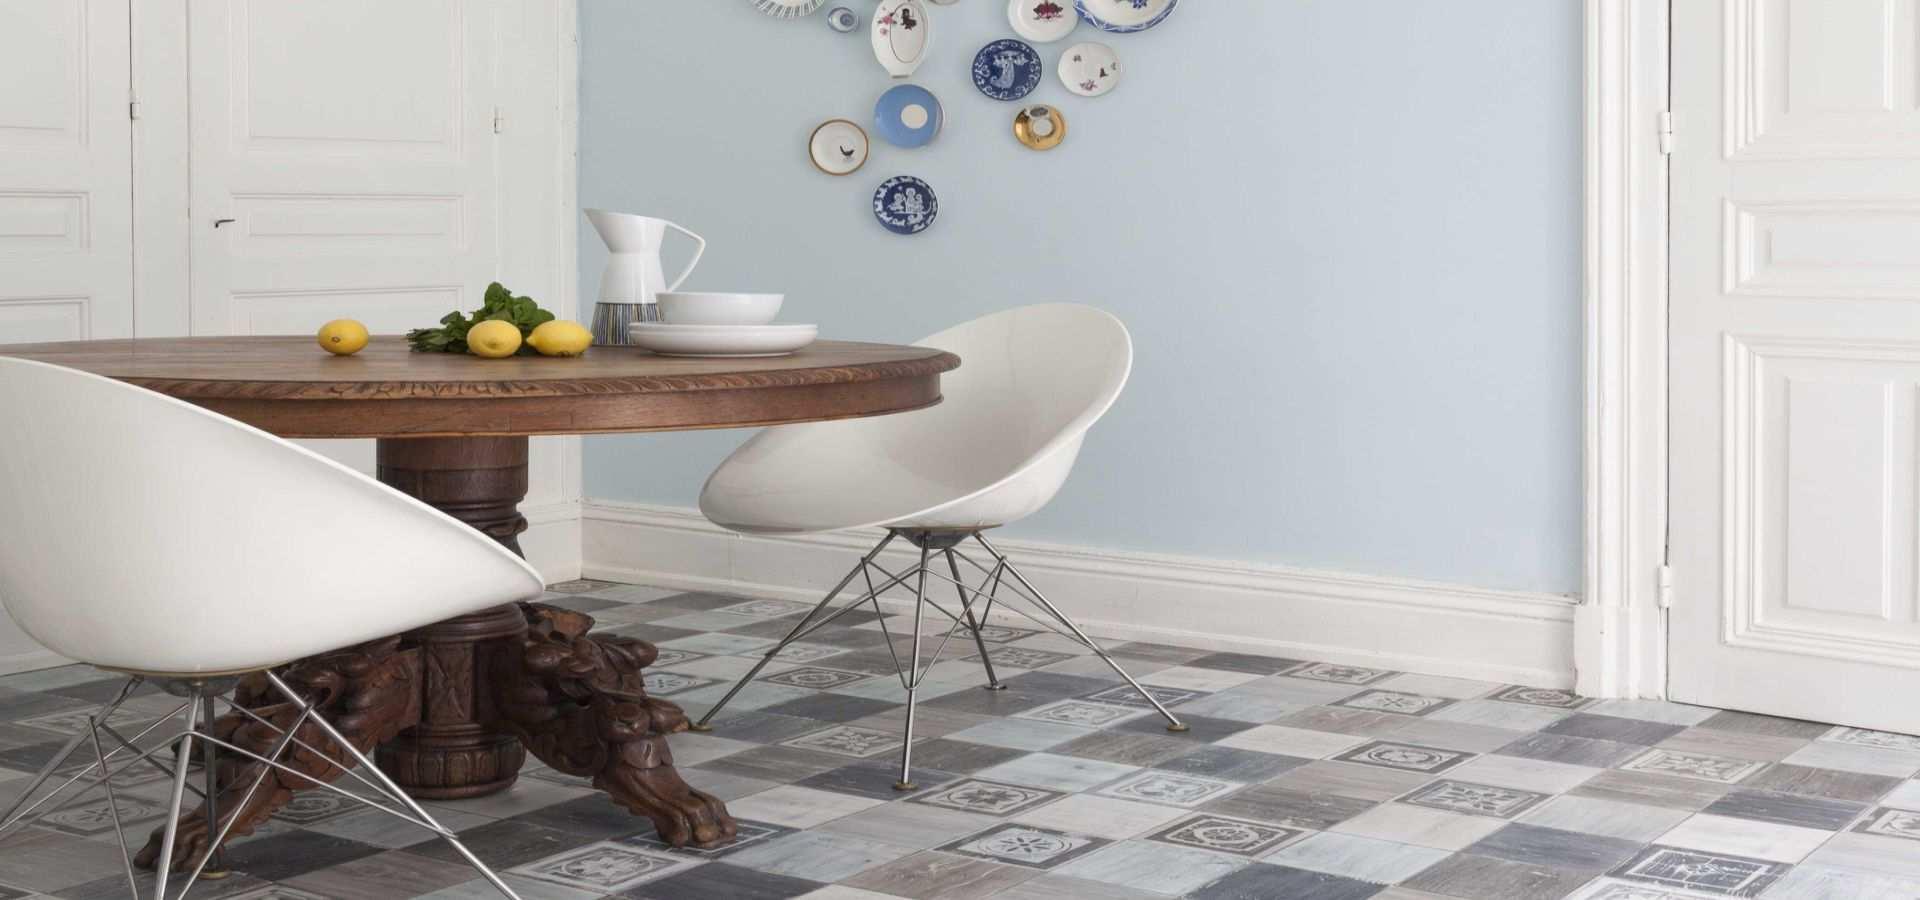 Bild Küche mit CV Belag Retrofliese